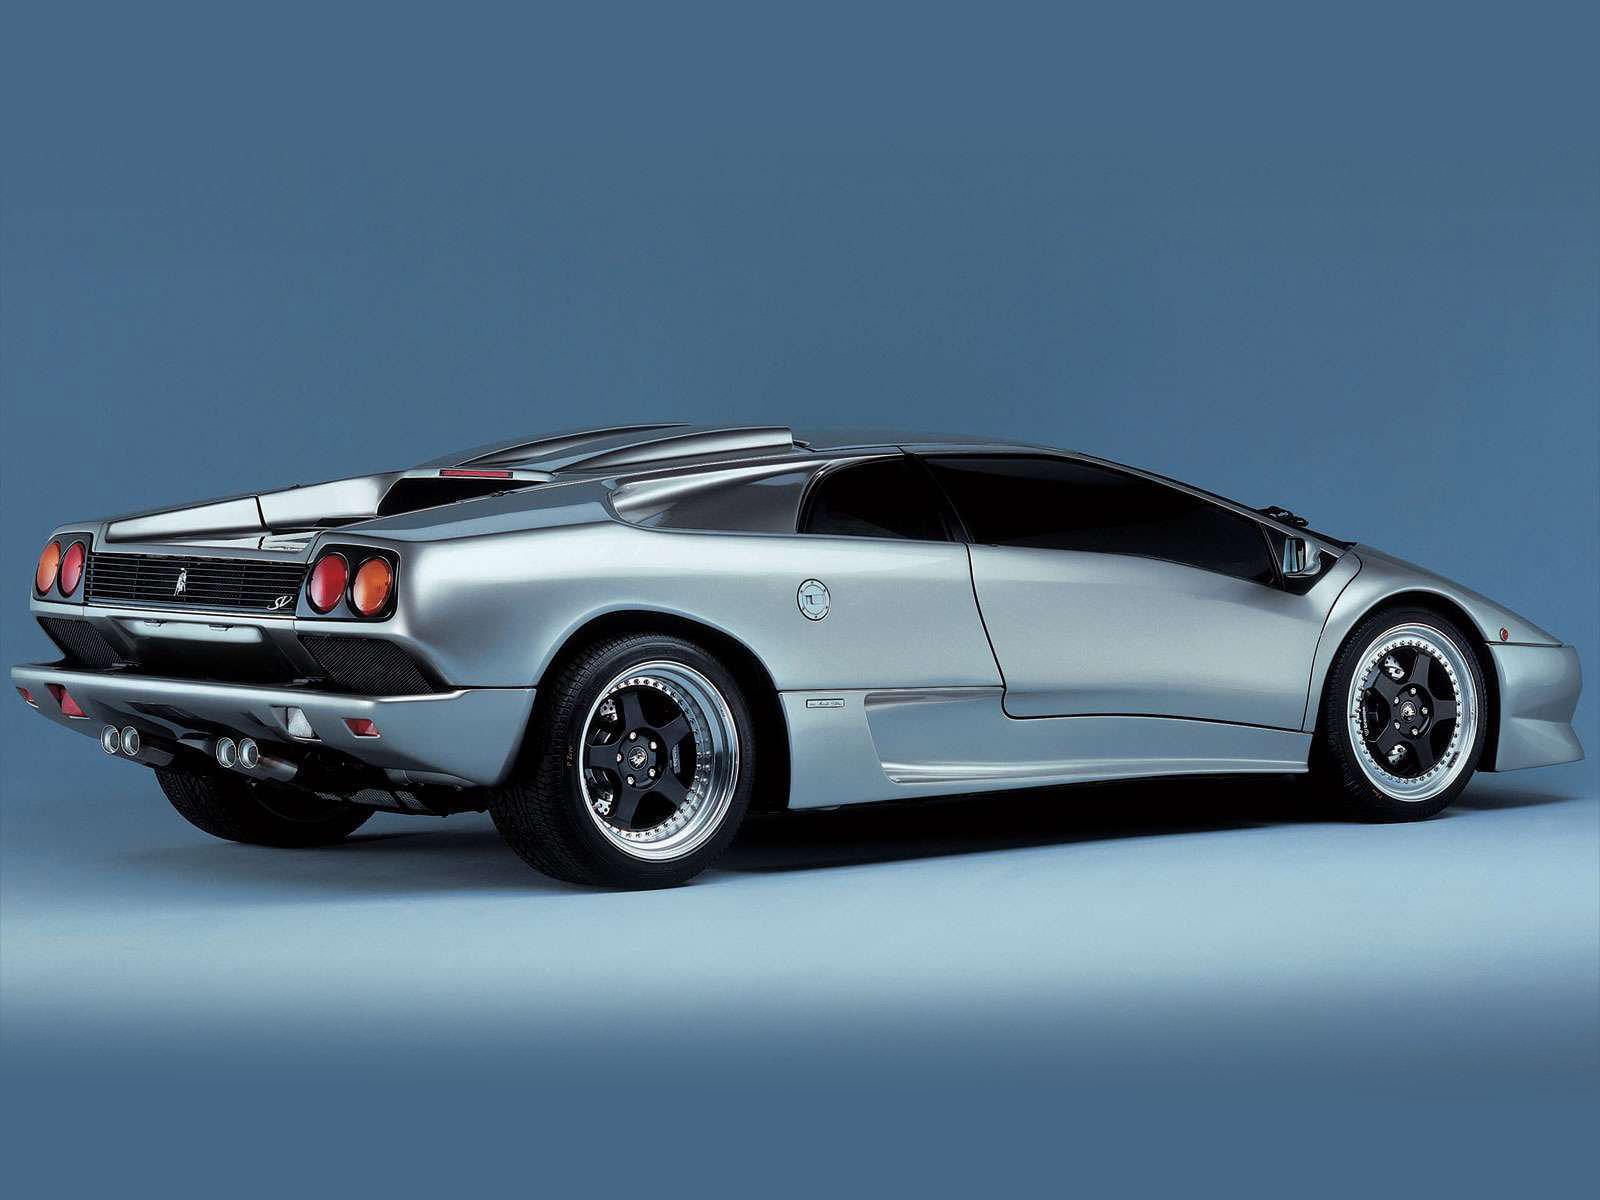 Car Accident Lawyers Info 1996 Lamborghini Diablo Sv Pictures